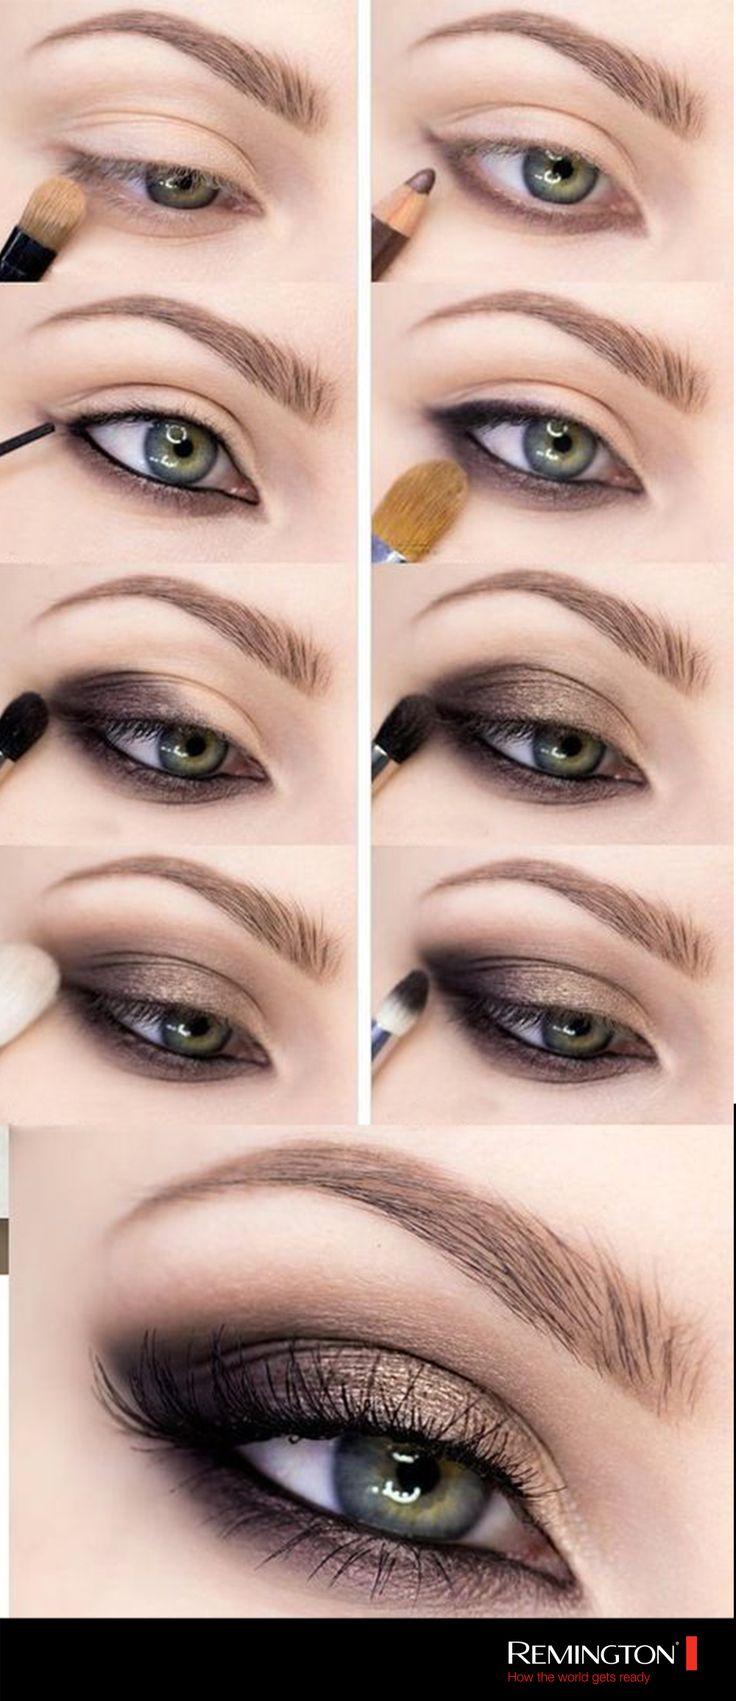 Este sencillo y lindo maquillaje hará que tu mirada sea la protagonista de la noche. ¡Inspírate y llévalo con actitud!